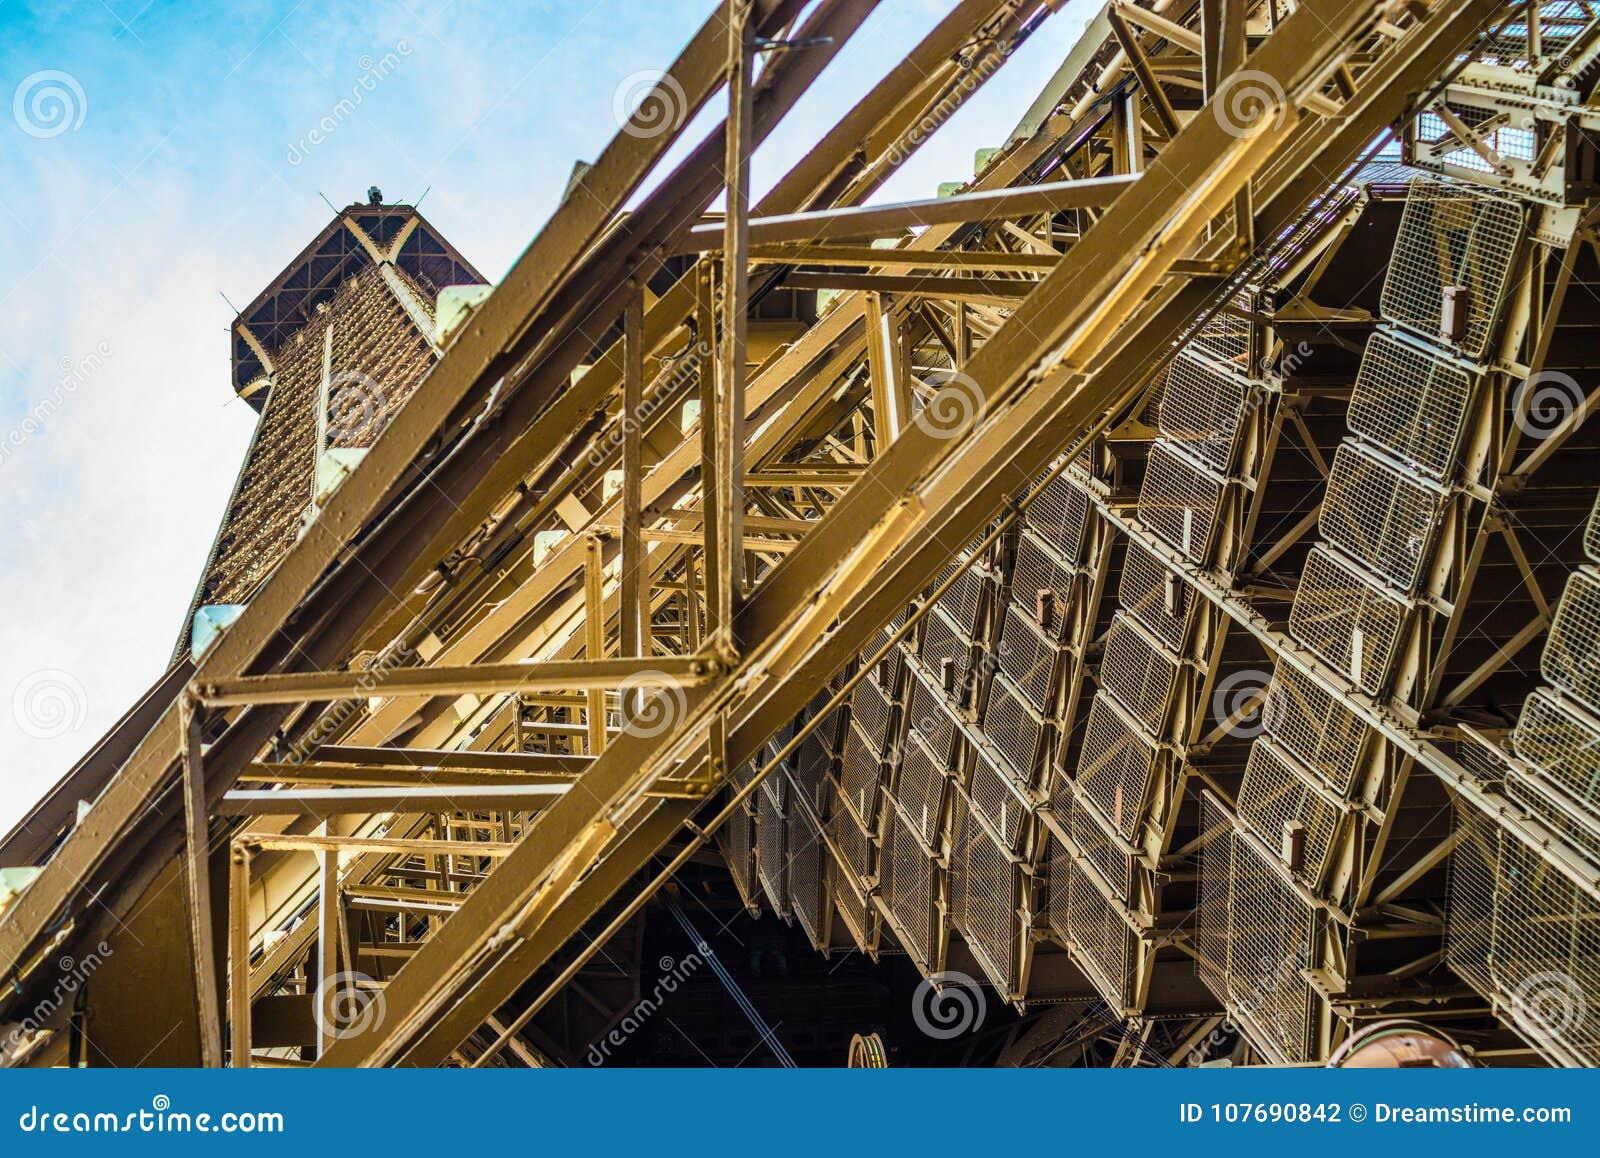 Πολυάριθμα σκαλοπάτια που φέρνουν τους φίλαθλους τουρίστες πάνω-κάτω τον πύργο του Άιφελ στο Παρίσι